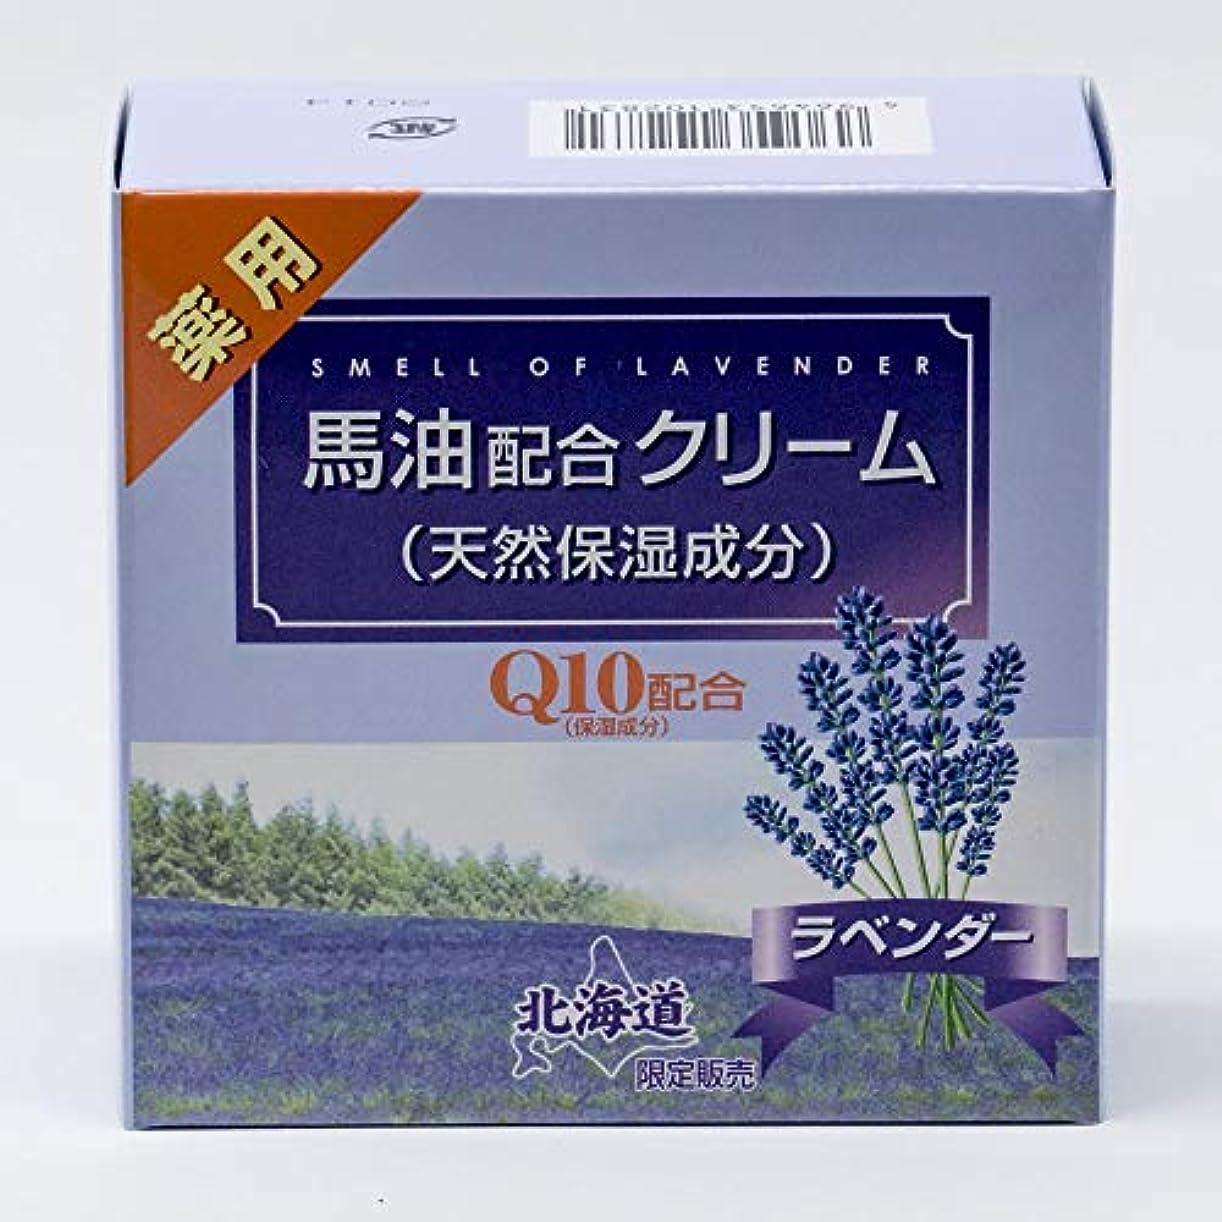 薬用 馬油配合クリーム ラベンダーの香り 保湿成分Q10配合